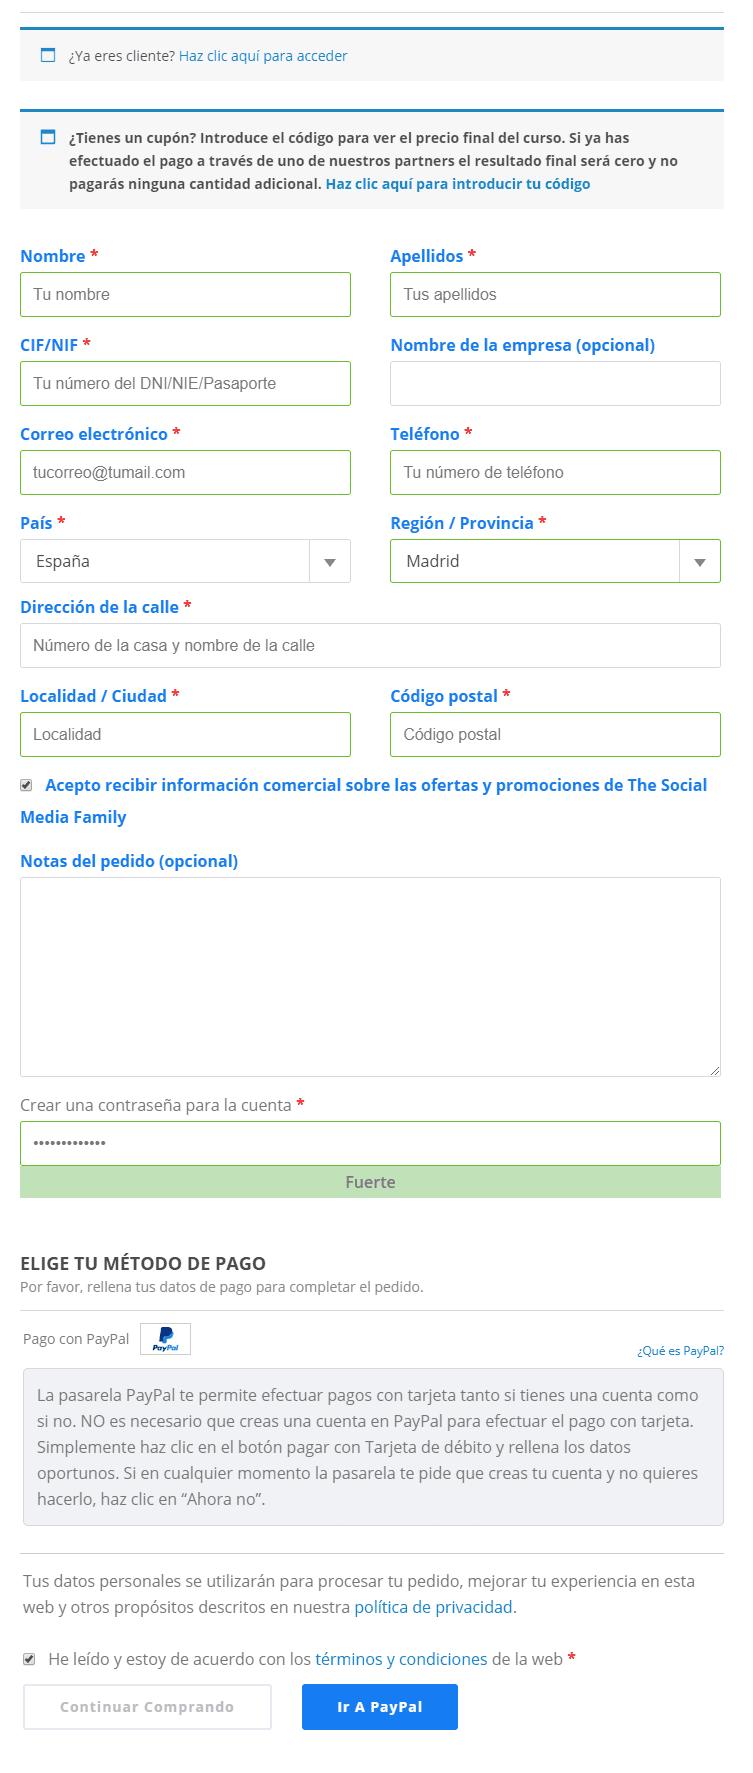 Cómo pagar con tarjeta en PayPal sin tener cuenta - usuario no registrado